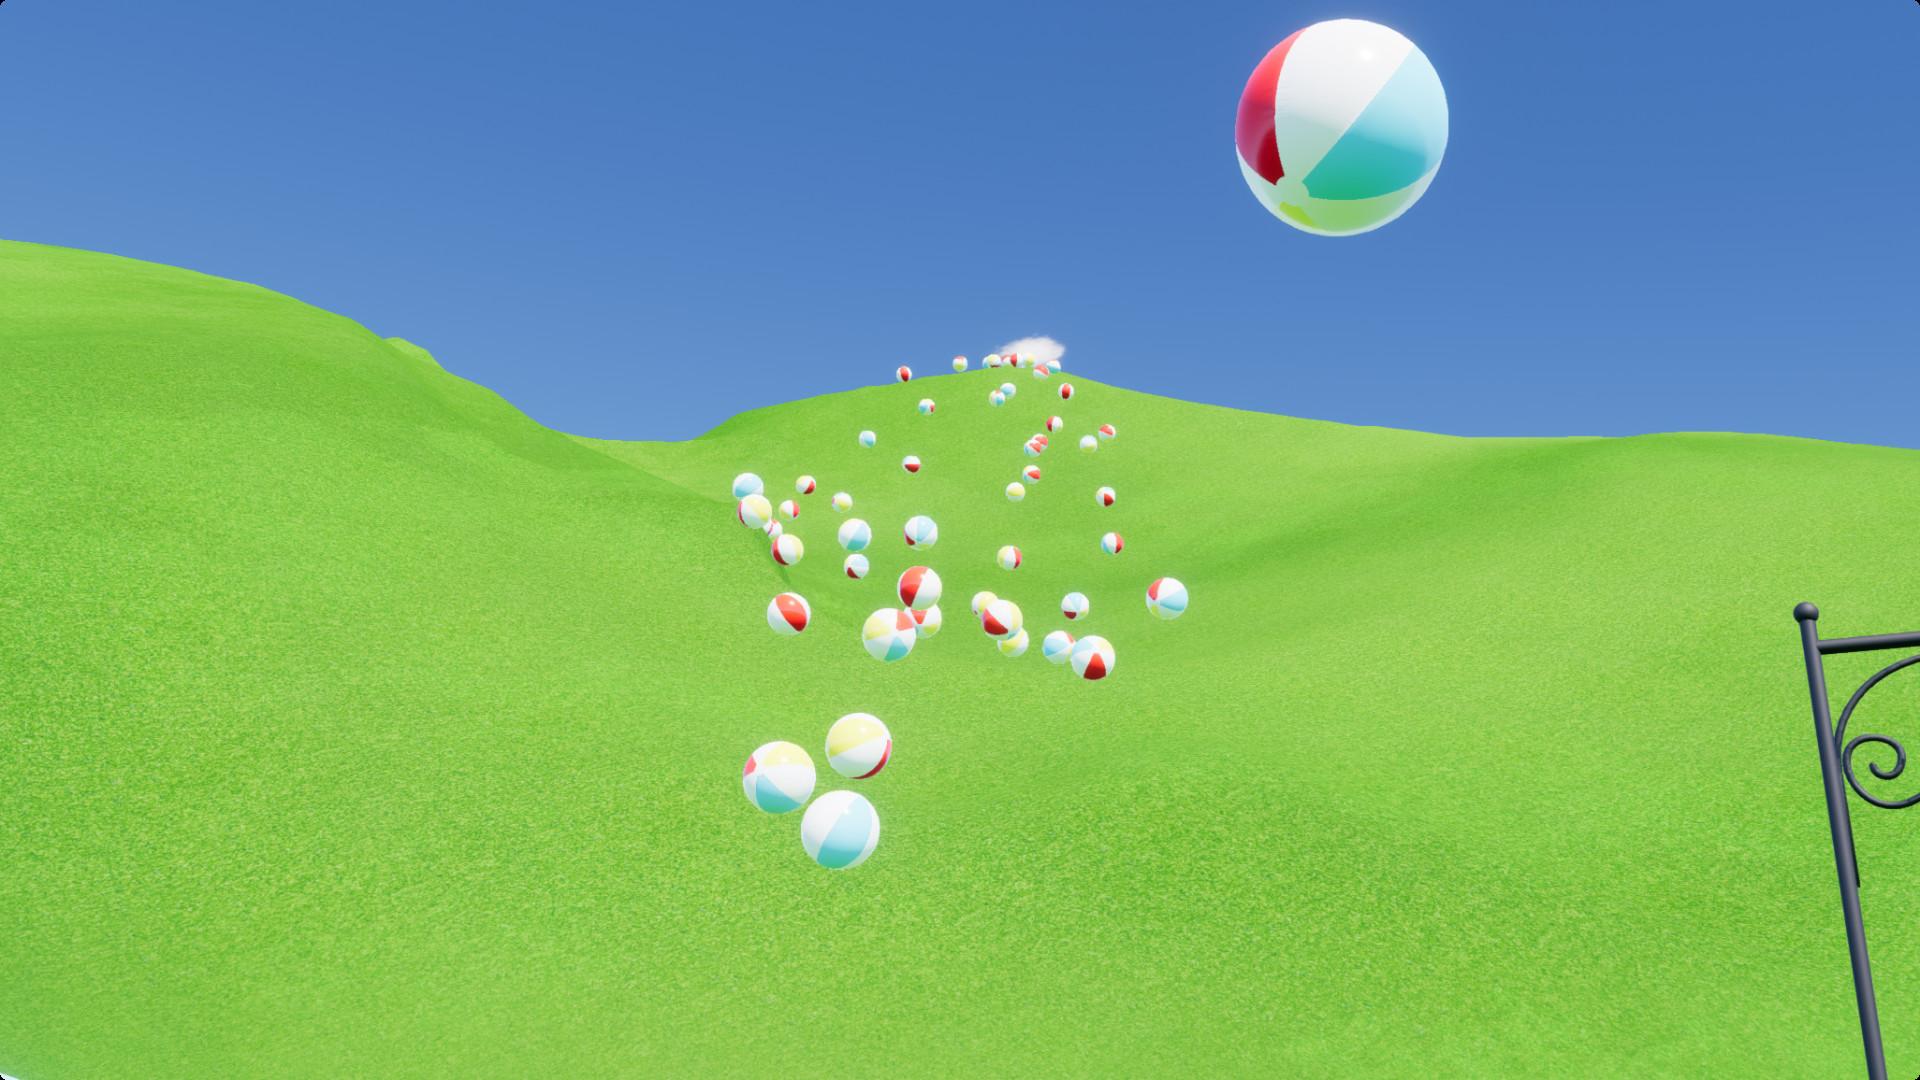 beach ball games - HD1920×1080